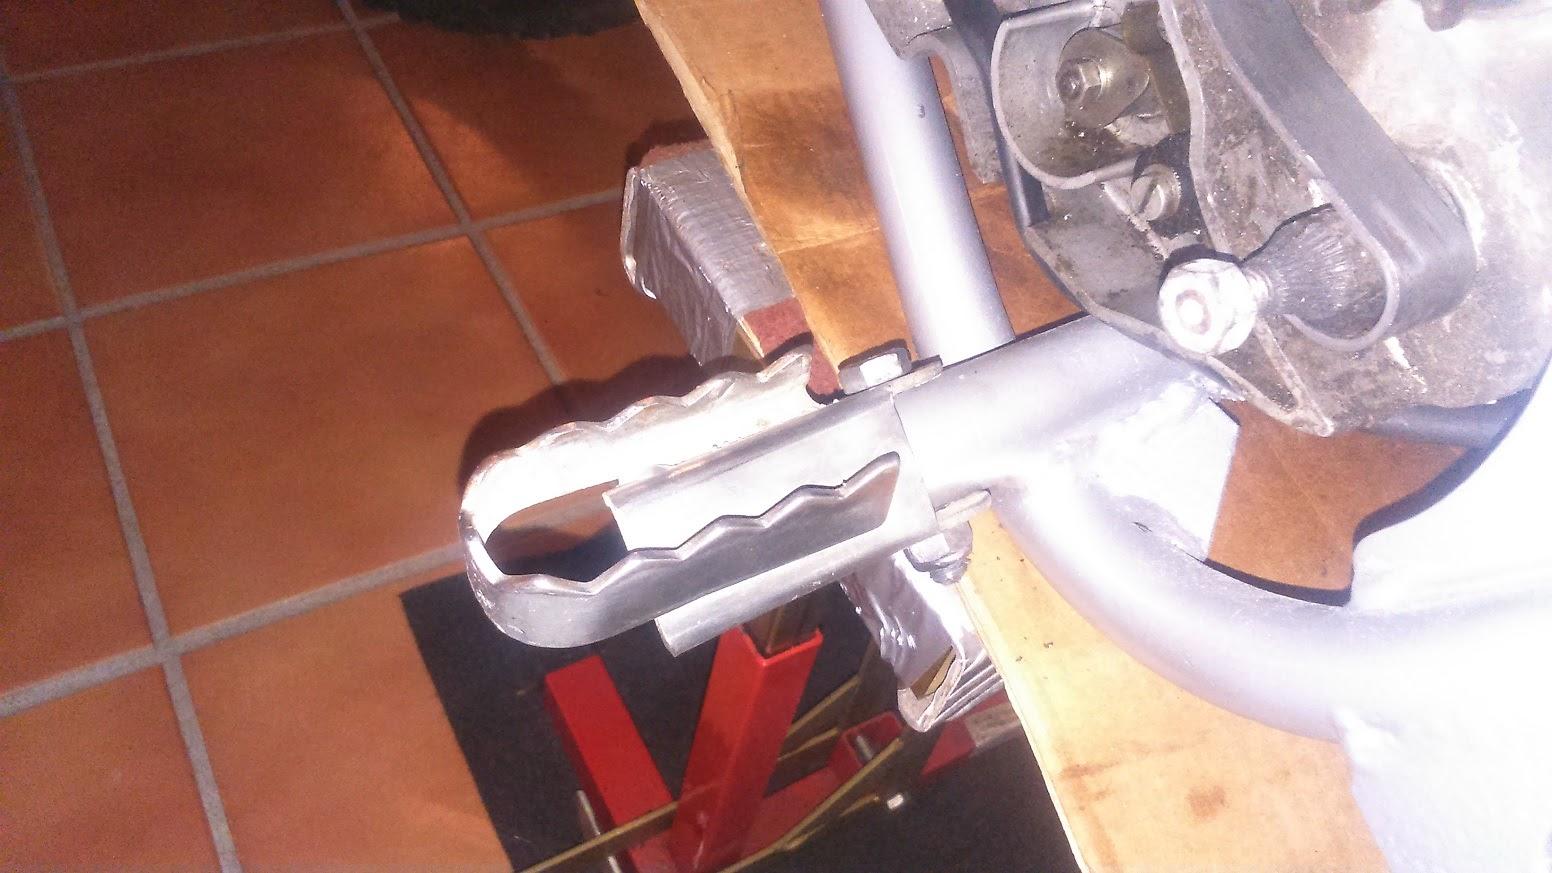 Puch Cobra MC 75 Cross G_ogiqunUSQHQbk8tld2jQl0X_7ZDD0yCUy44b_-R6A=w1552-h873-no